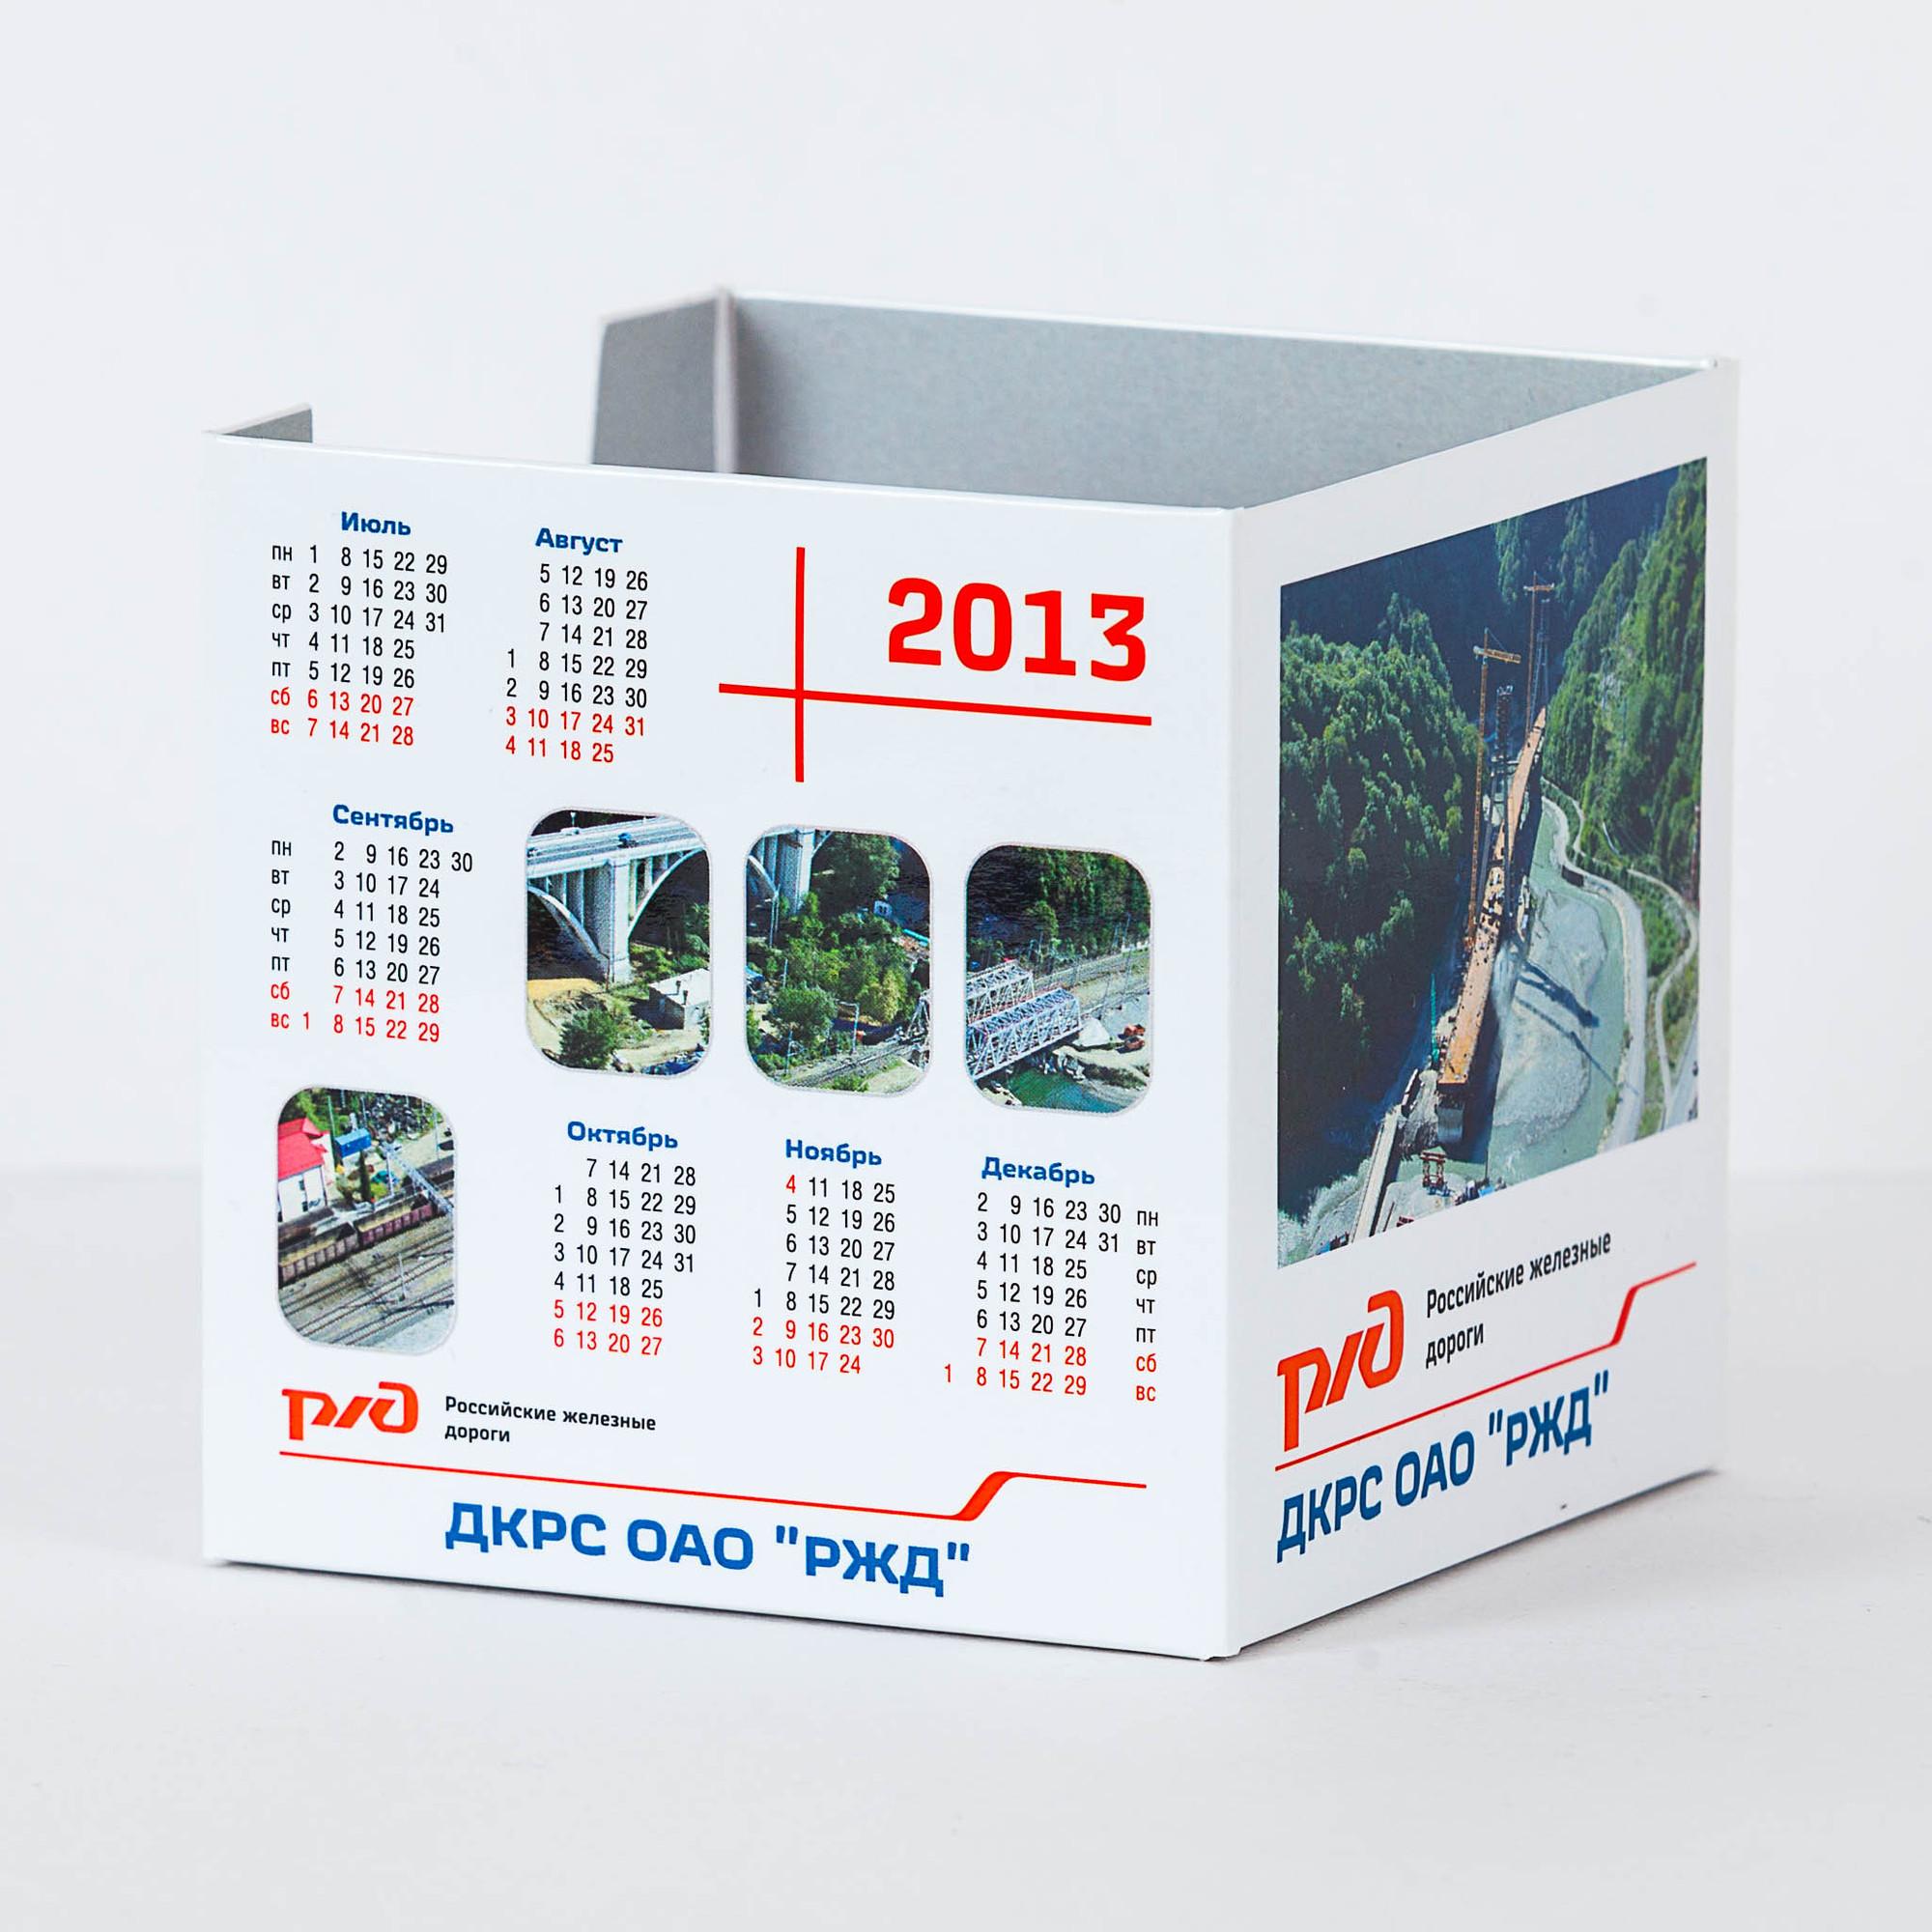 Подставка под кубарик с логотпом и календарной сеткой на год